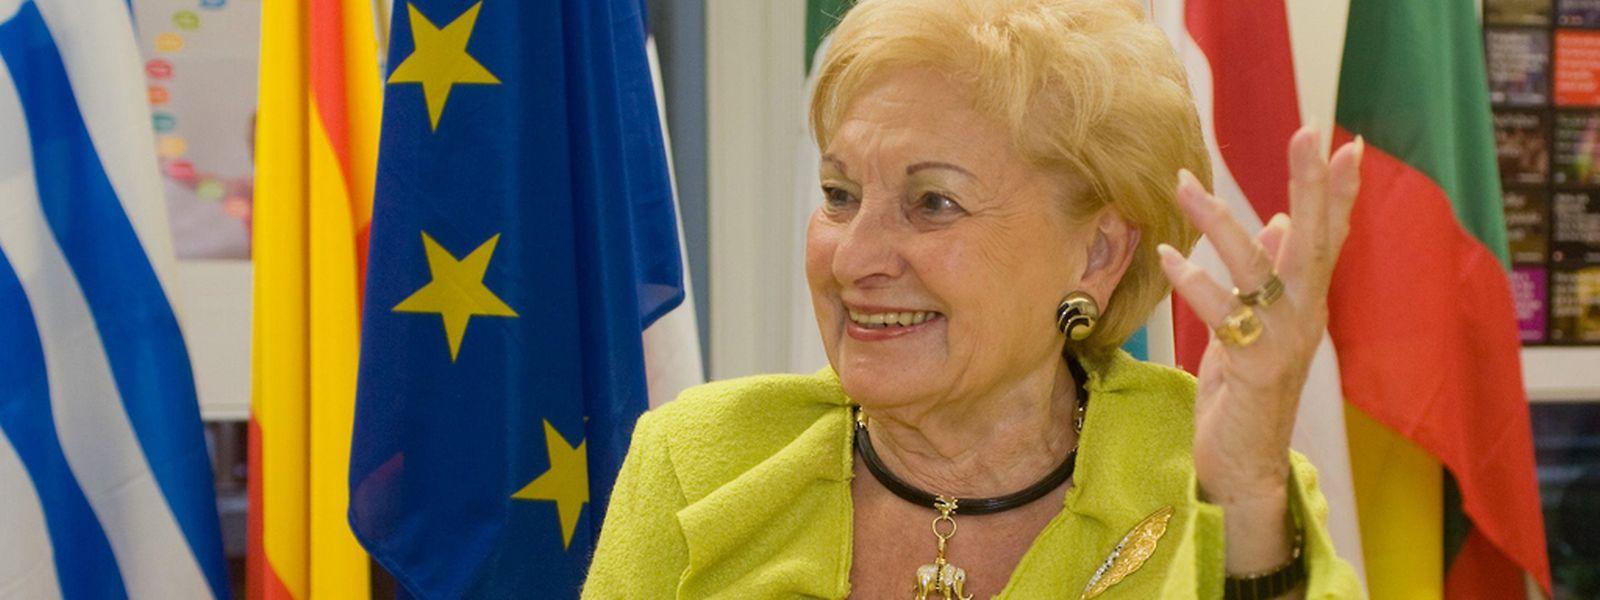 Ein Leben für die Politik: Astrid Lulling war fast 50 Jahre lang auf der europäischen Bühne aktiv.